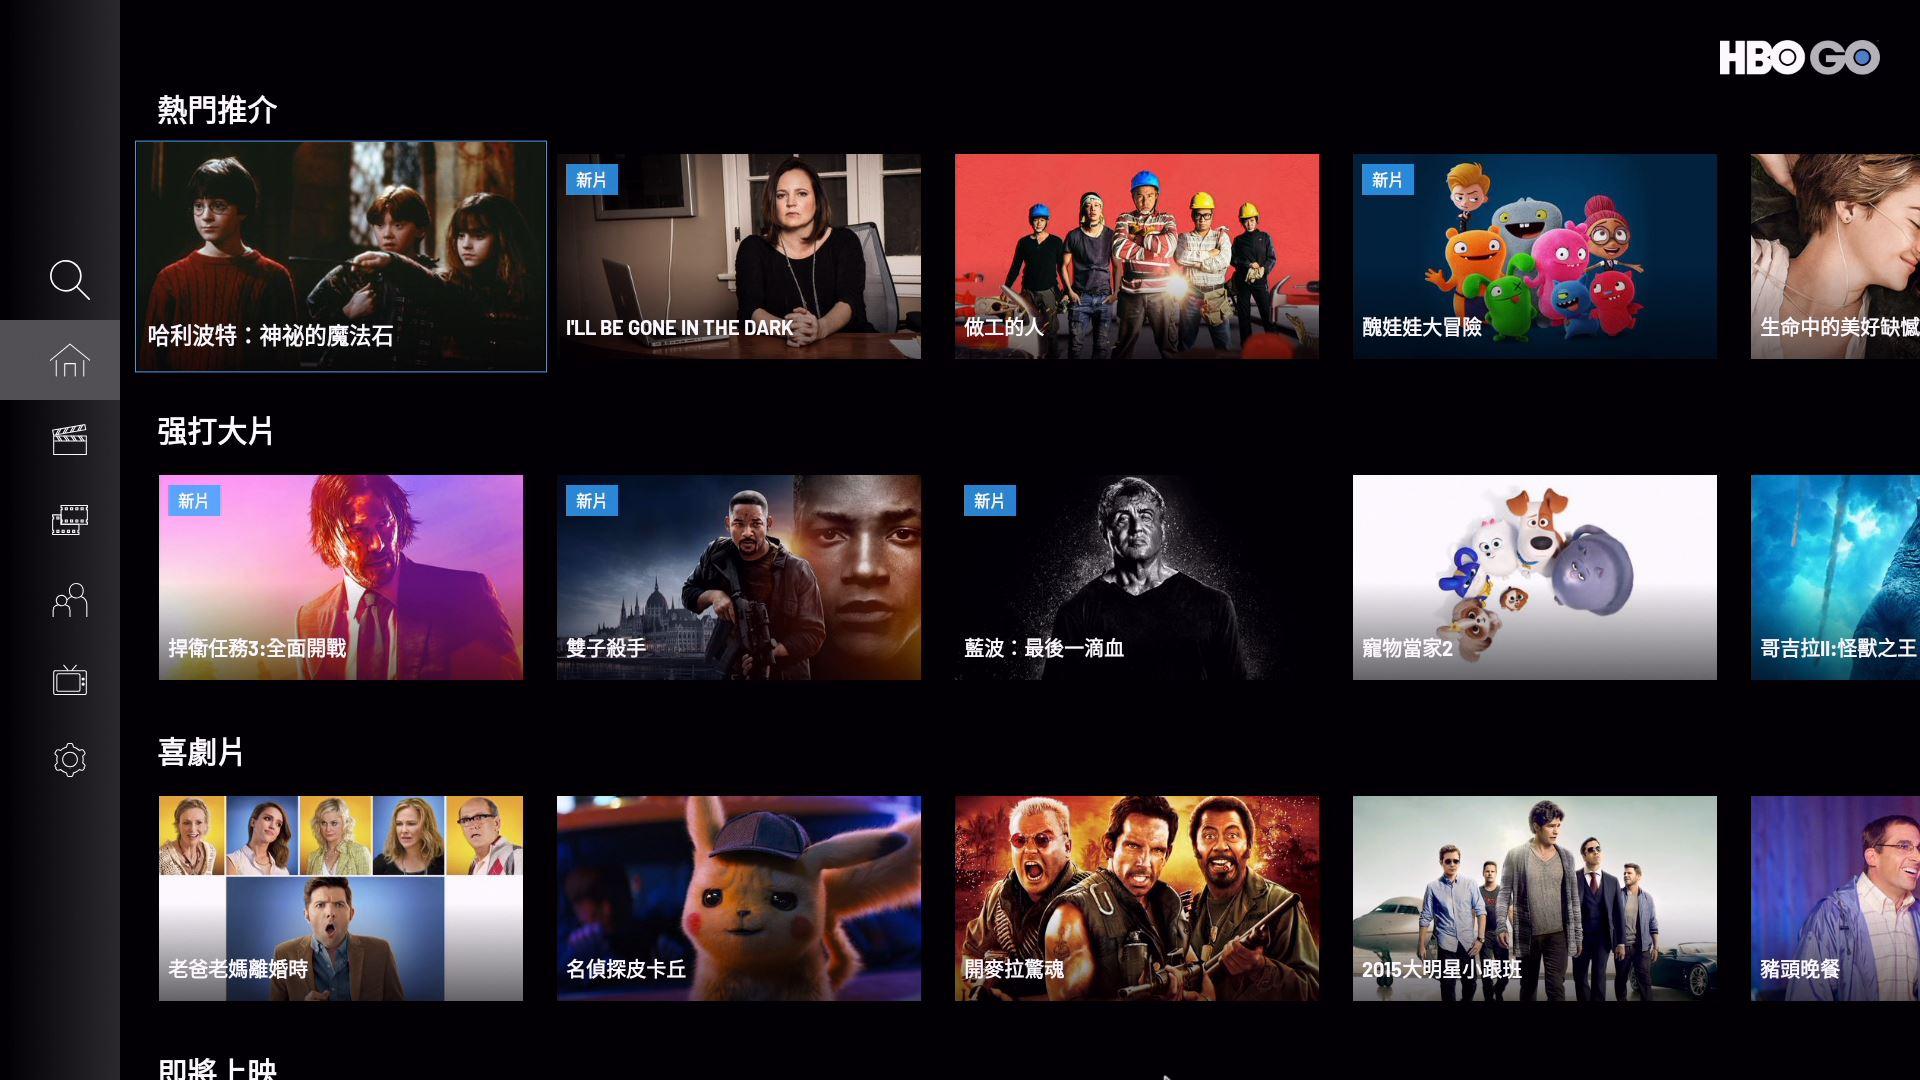 雷爵RockTek G1 4K HDR電視盒-無痛升級Google授權Android TV系統,語音助理免動手 - 78